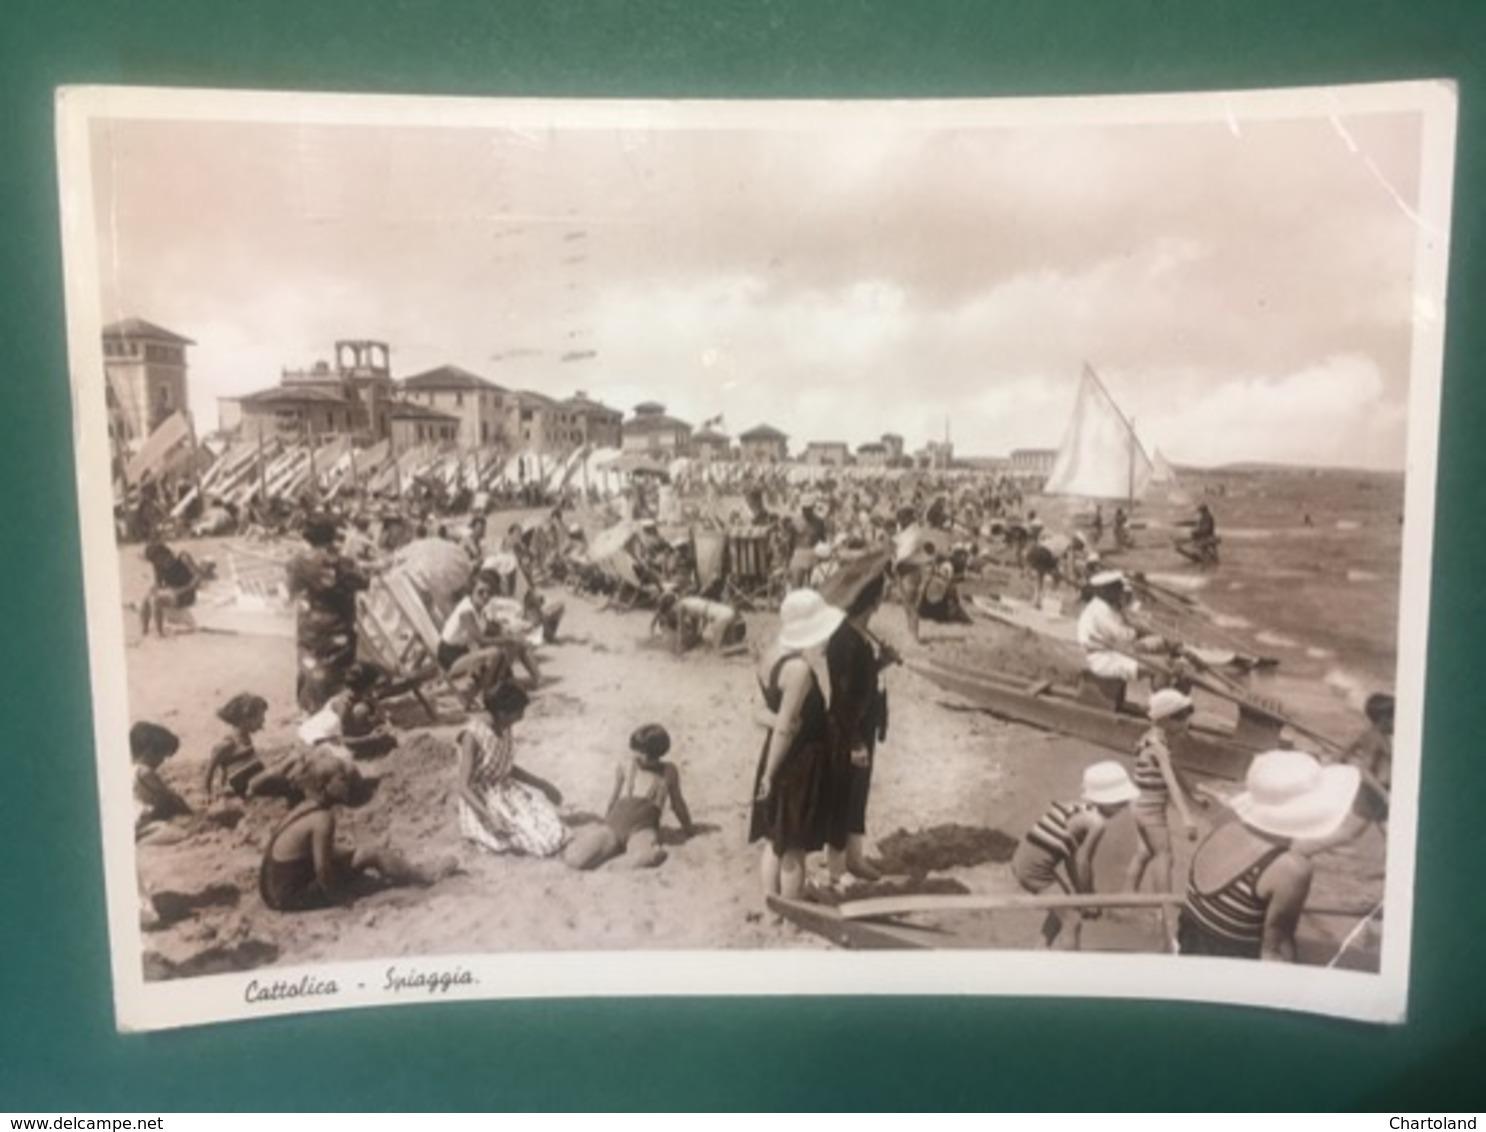 Cartolina Cattolica - Spiaggia -  1947 - Rimini